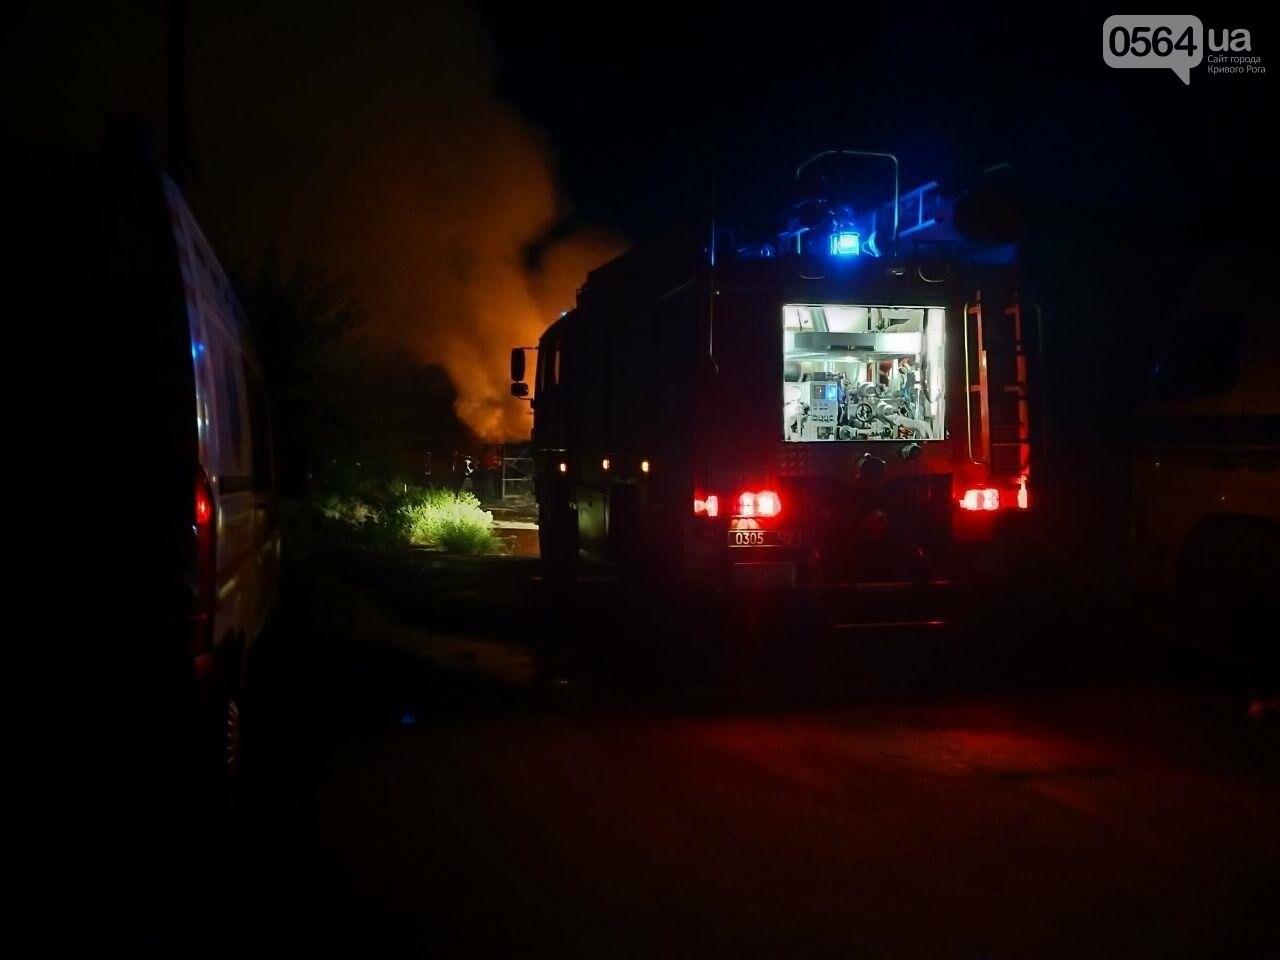 На деревообрабатывающем предприятии Кривого Рога огонь уничтожил несколько сотен квадратных метров бруса, - ФОТО, ВИДЕО, фото-6